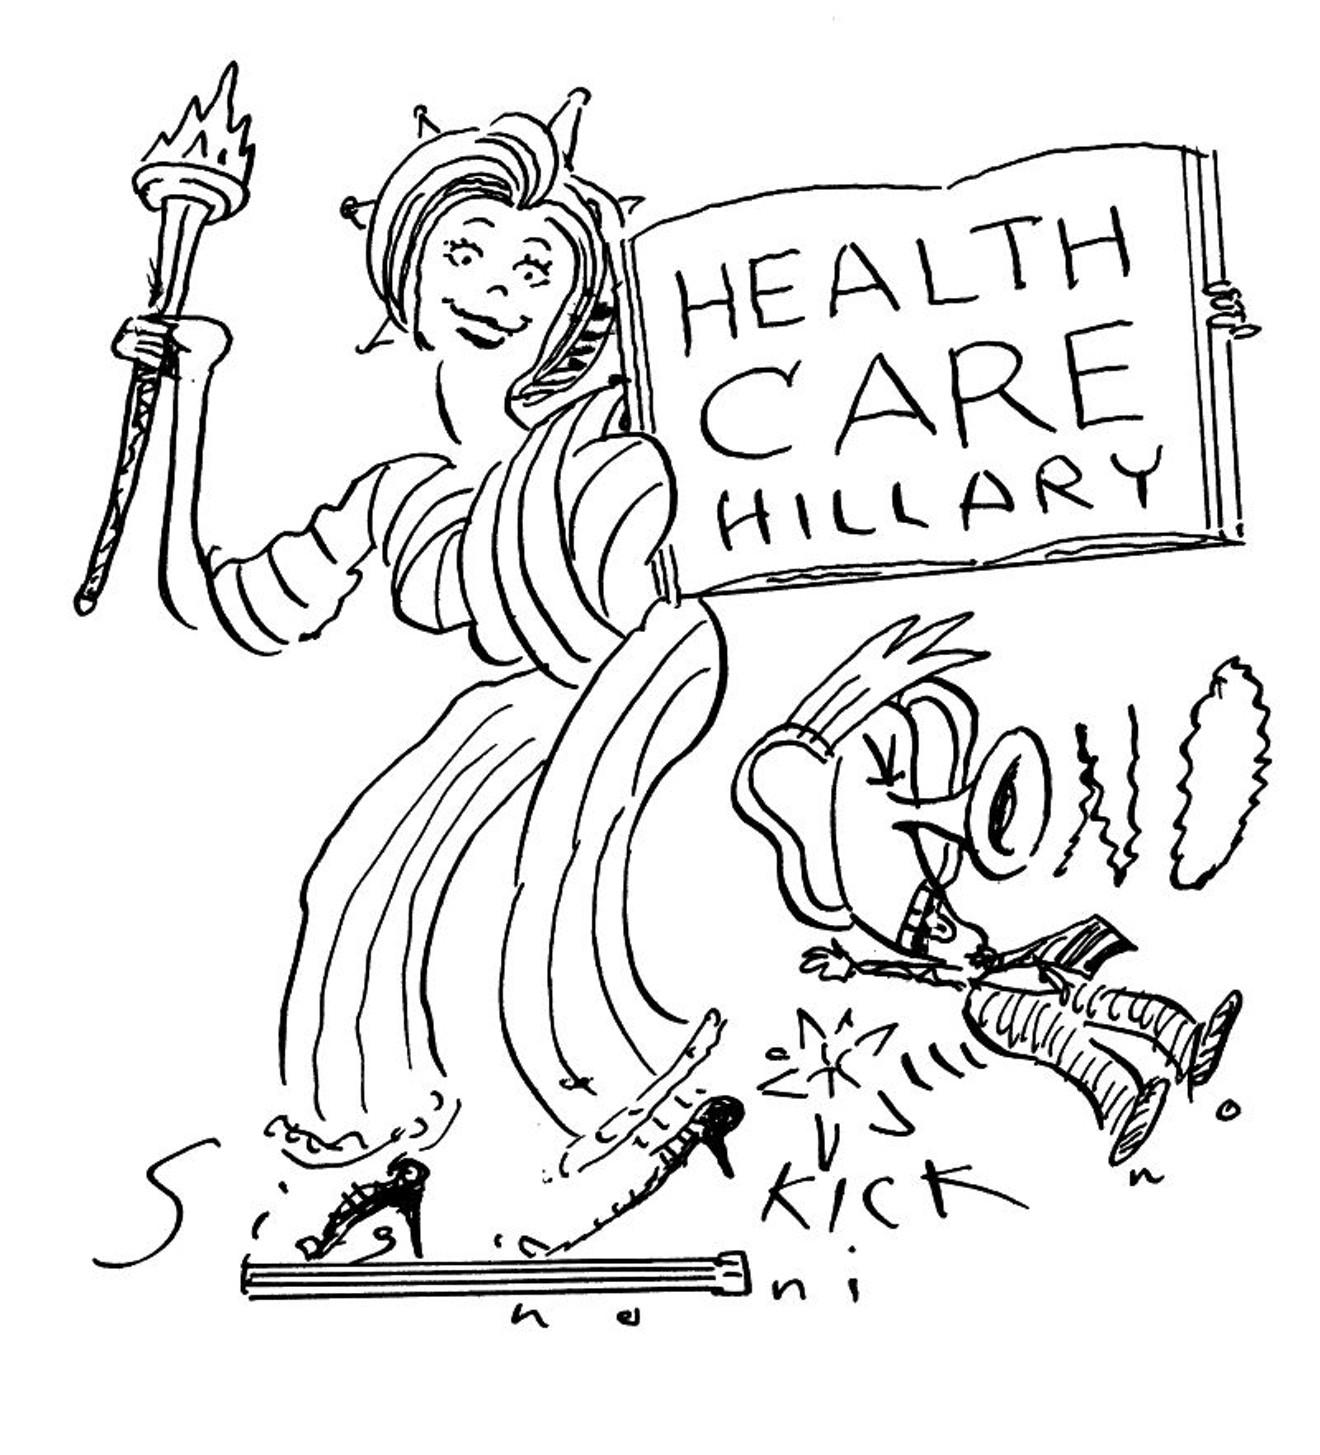 Seriously—why do so many people dislike Hillary Clinton